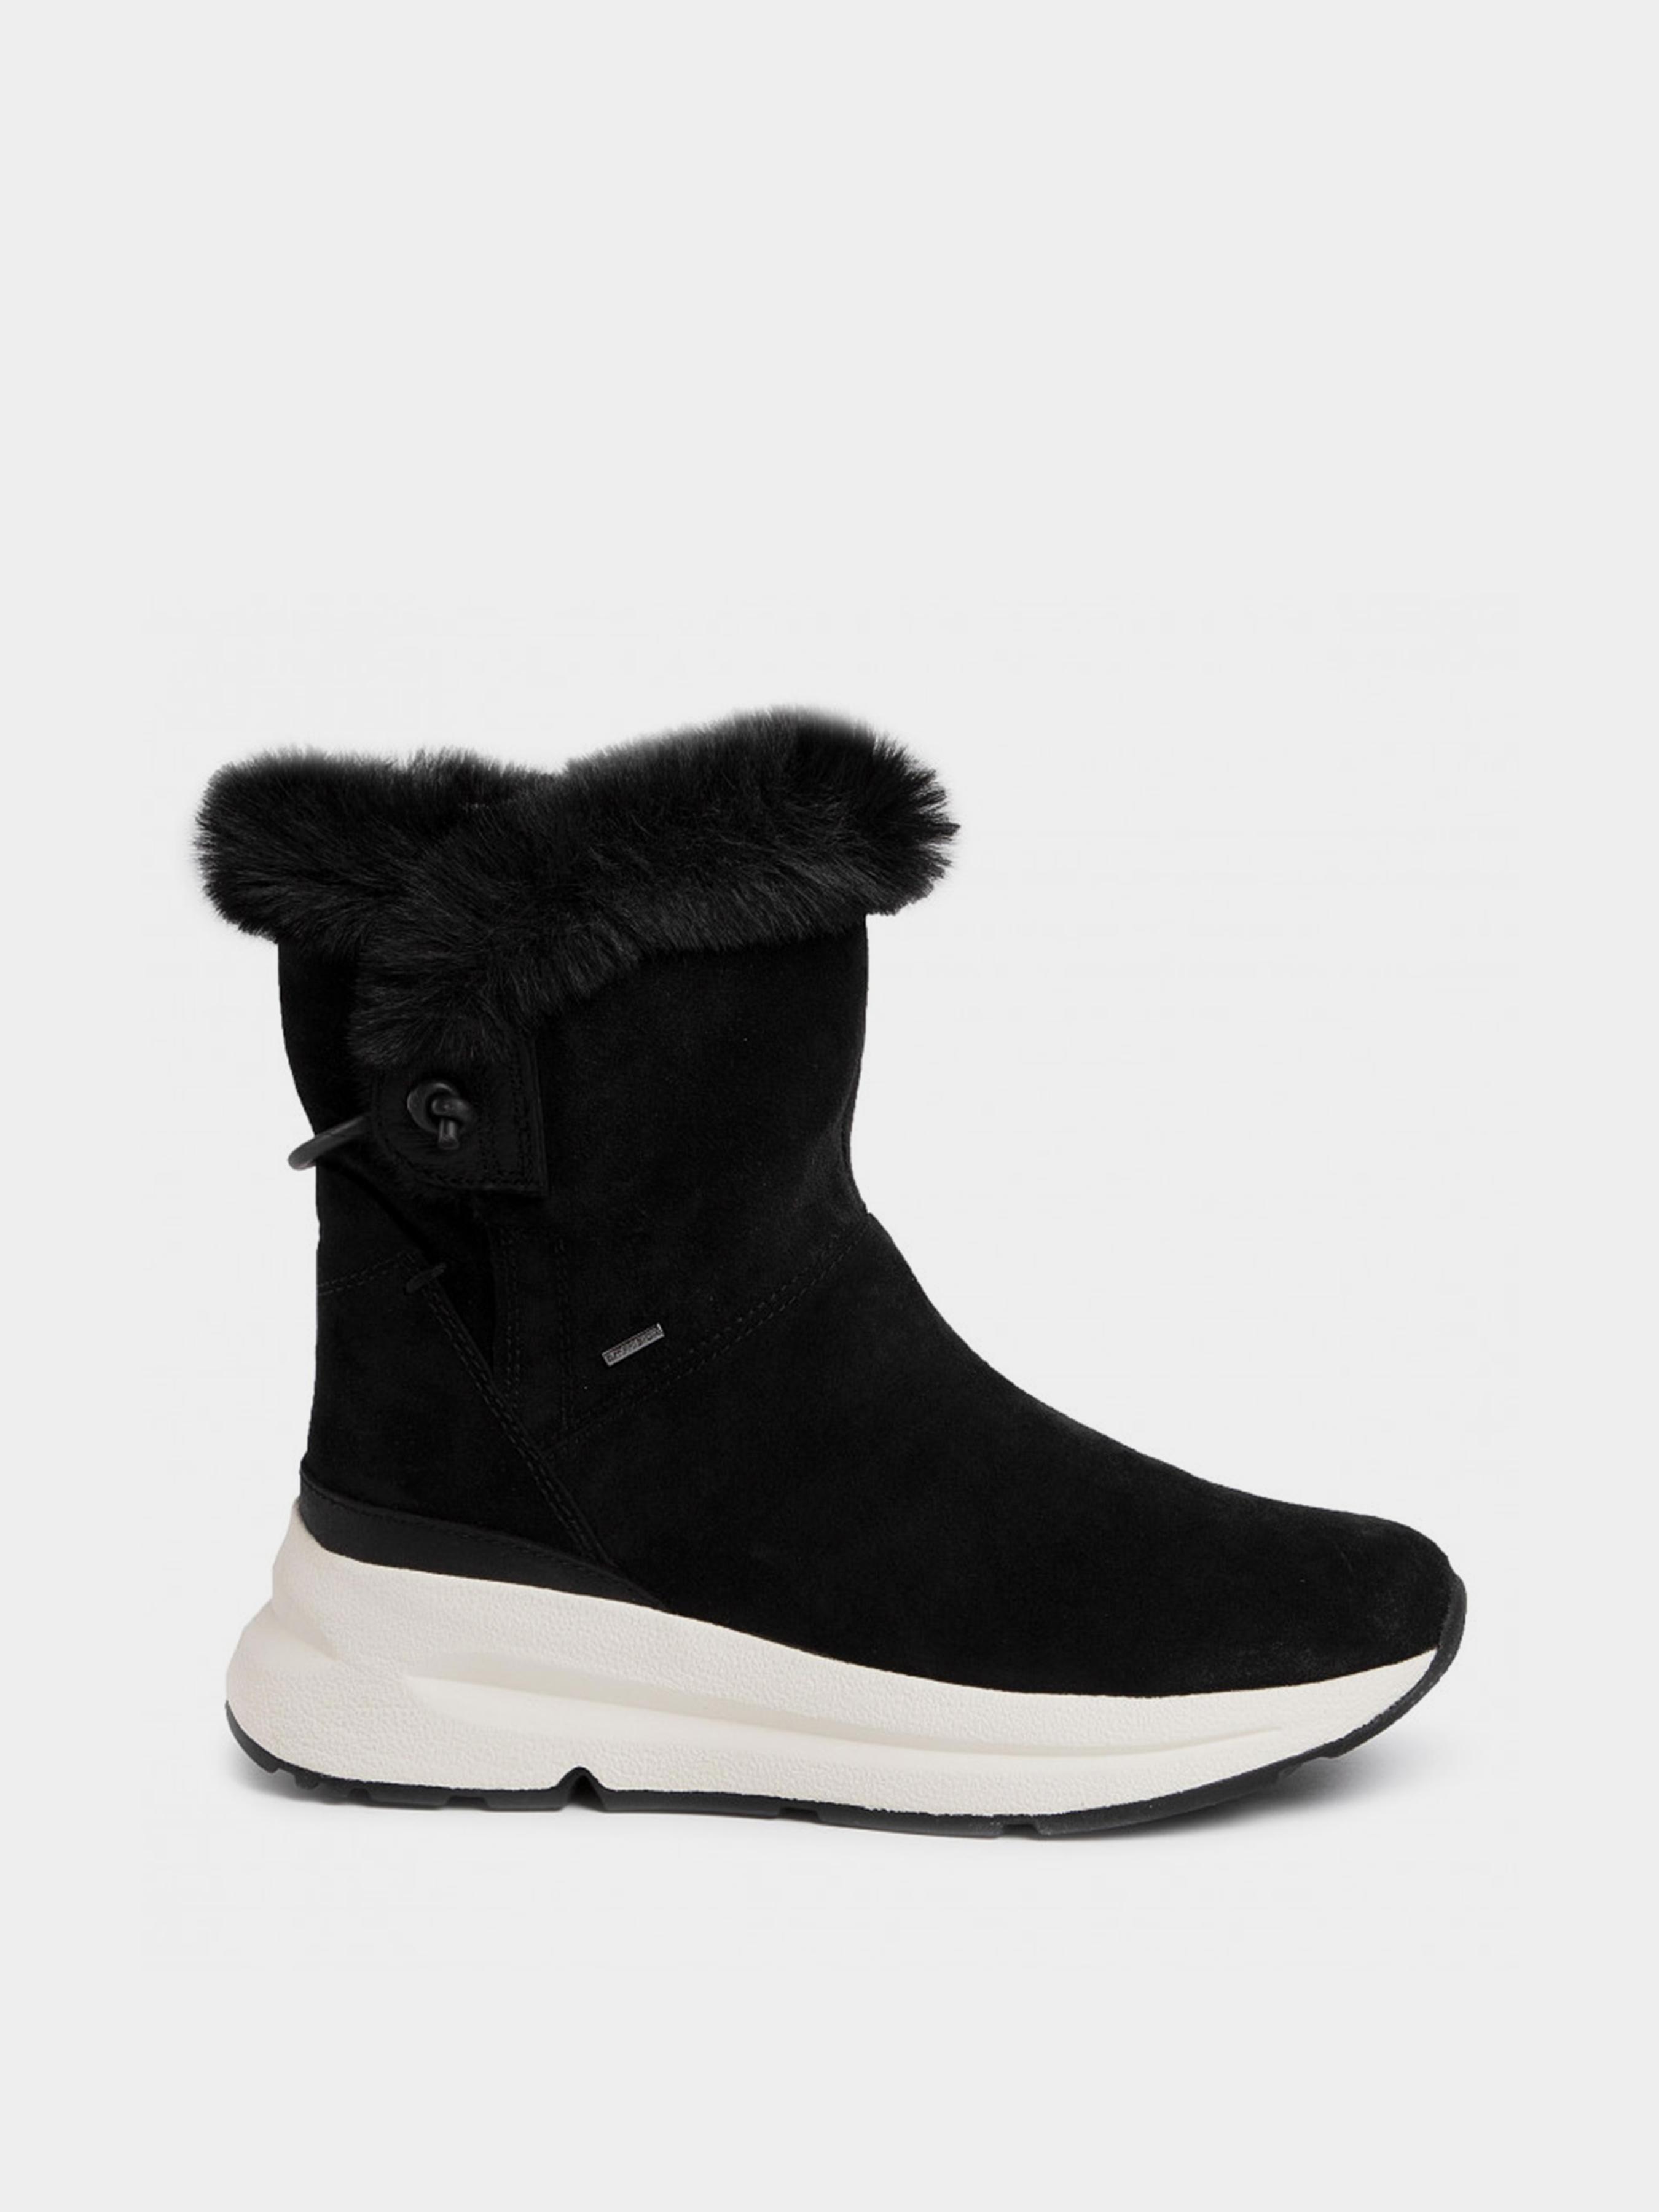 Купить Ботинки женские Geox D BACKSIE B ABX XW3717, Черный